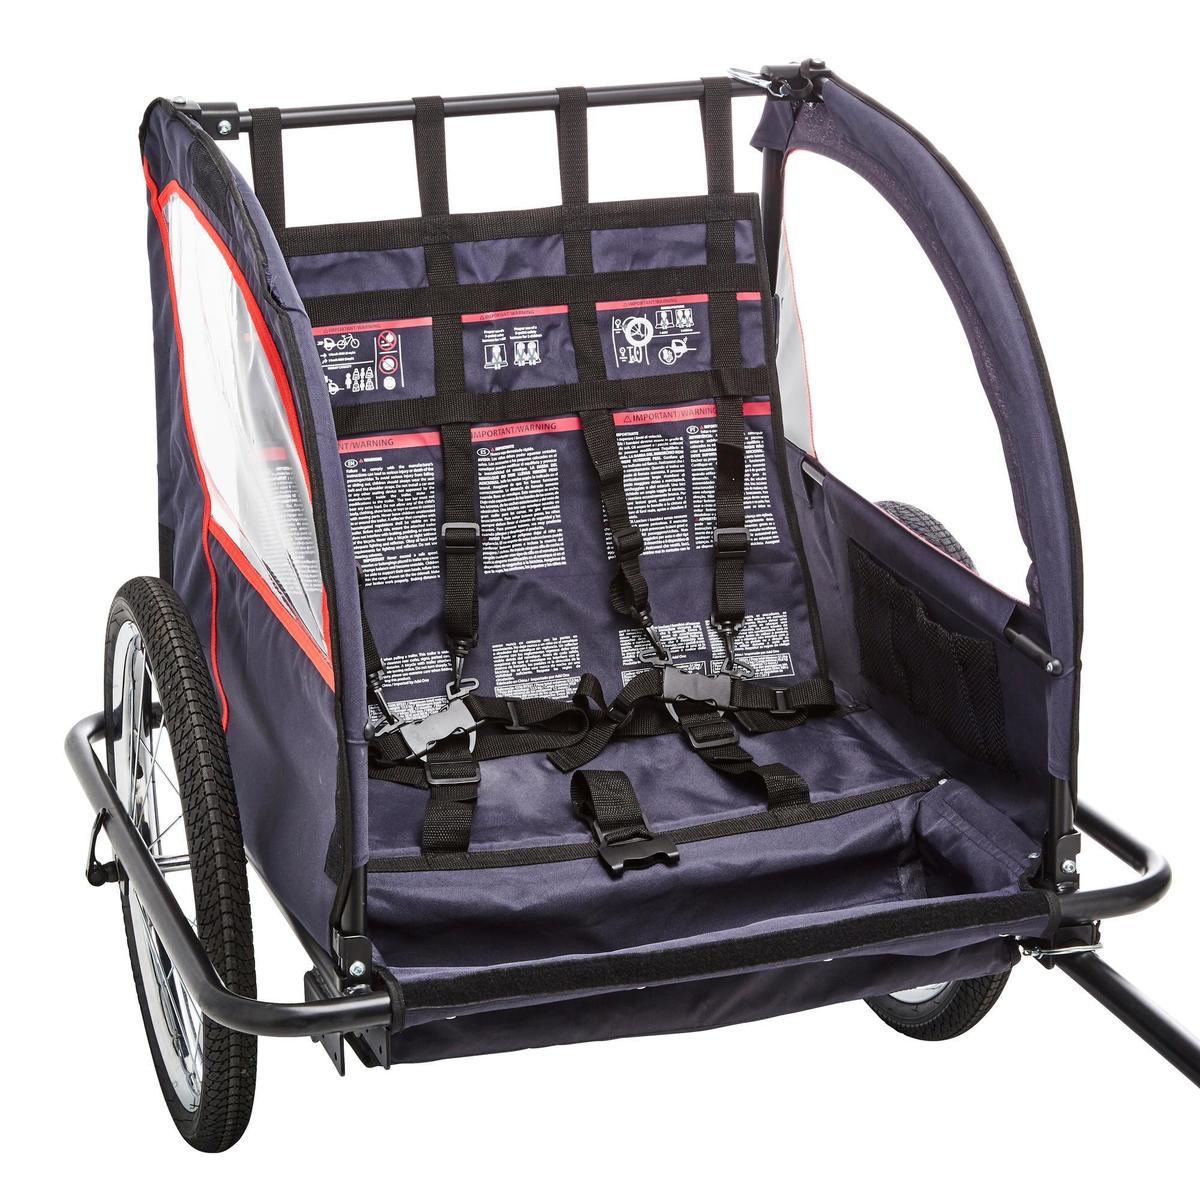 Bild 4 von Kinder-Fahrradanhänger 100 Stahlgestell indigoblau